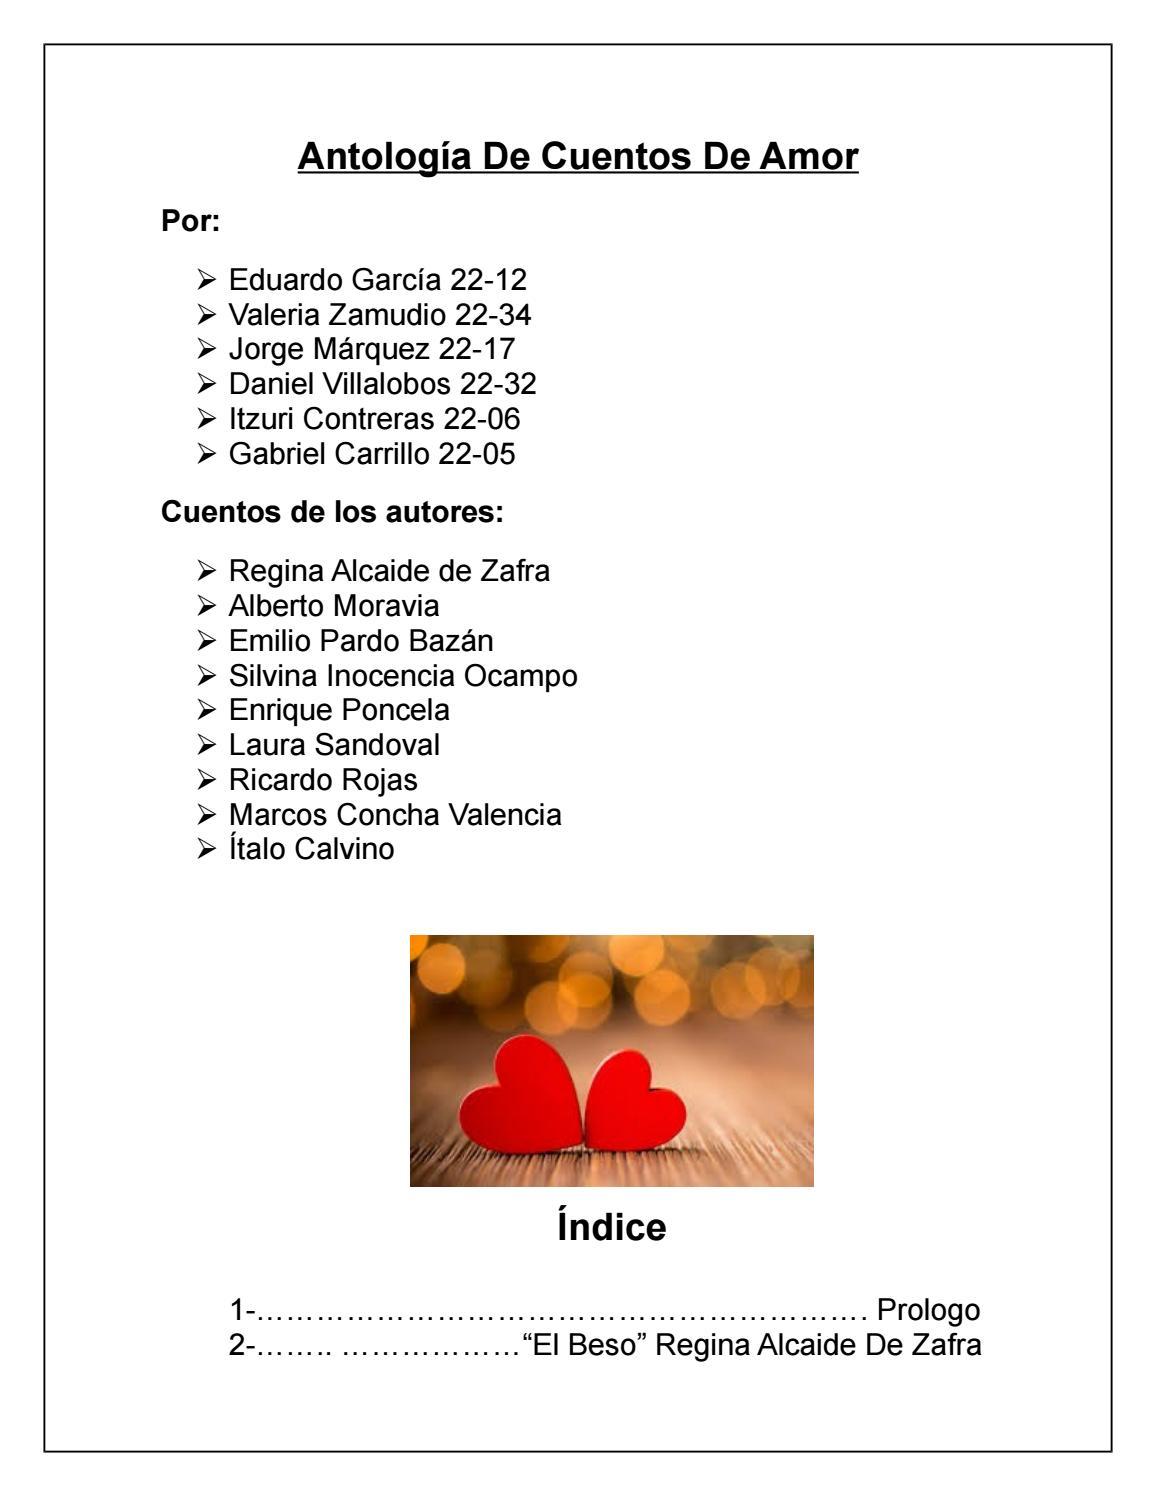 22 antologia cuentos de amor 2212,2205,2217,2234,2206,2232 by ...